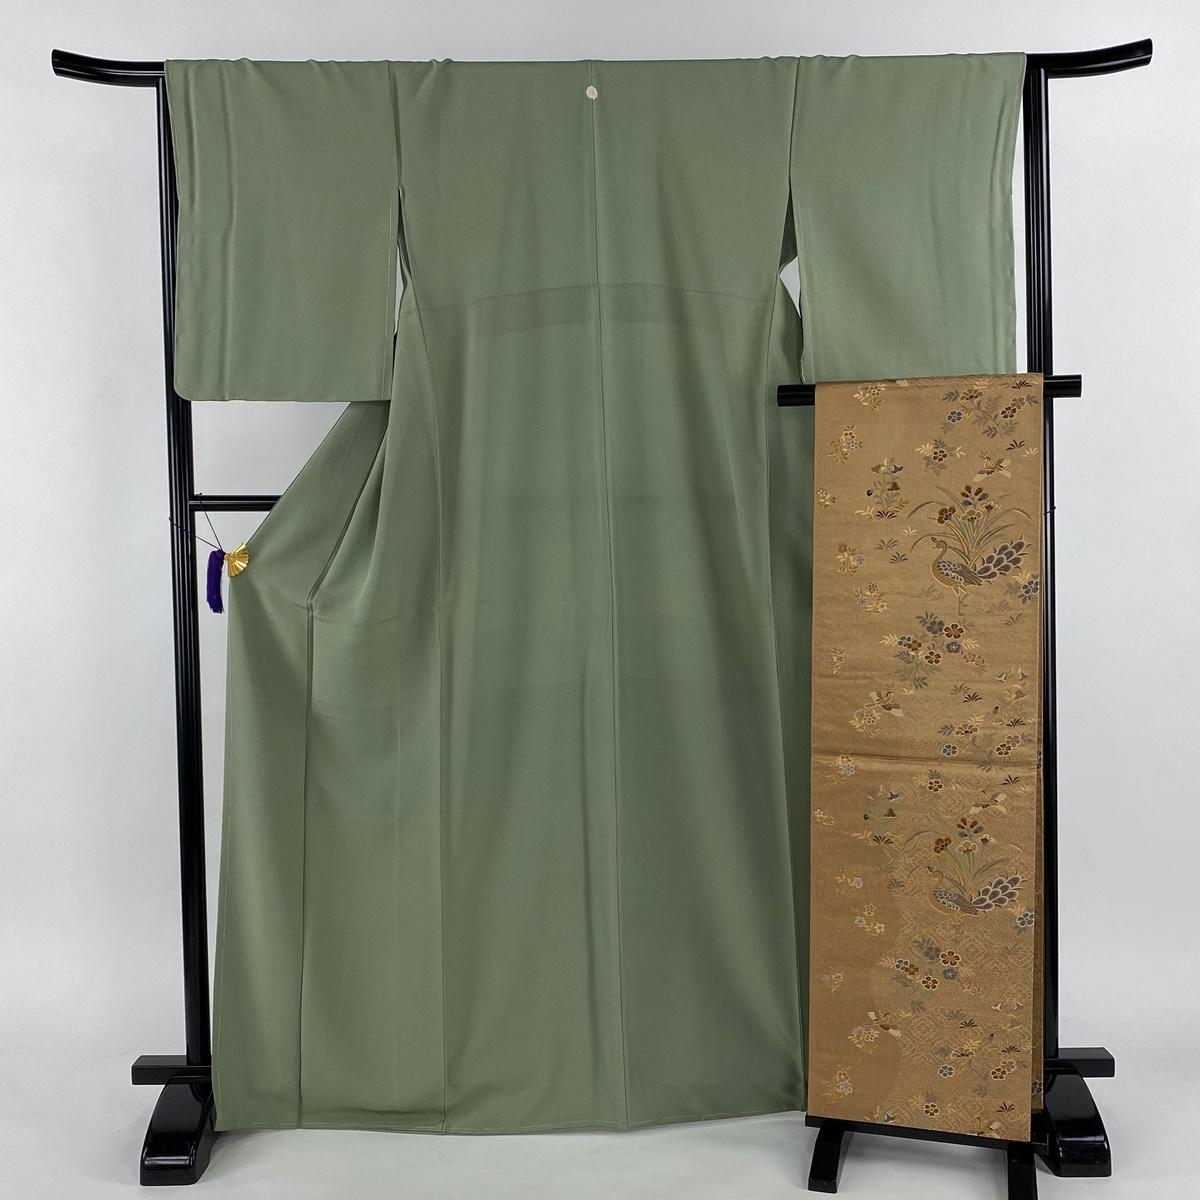 色無地 美品 秀品 袋帯セット 一つ紋 薄緑 袷 身丈167.5cm 裄丈65.5cm M 正絹 【中古】